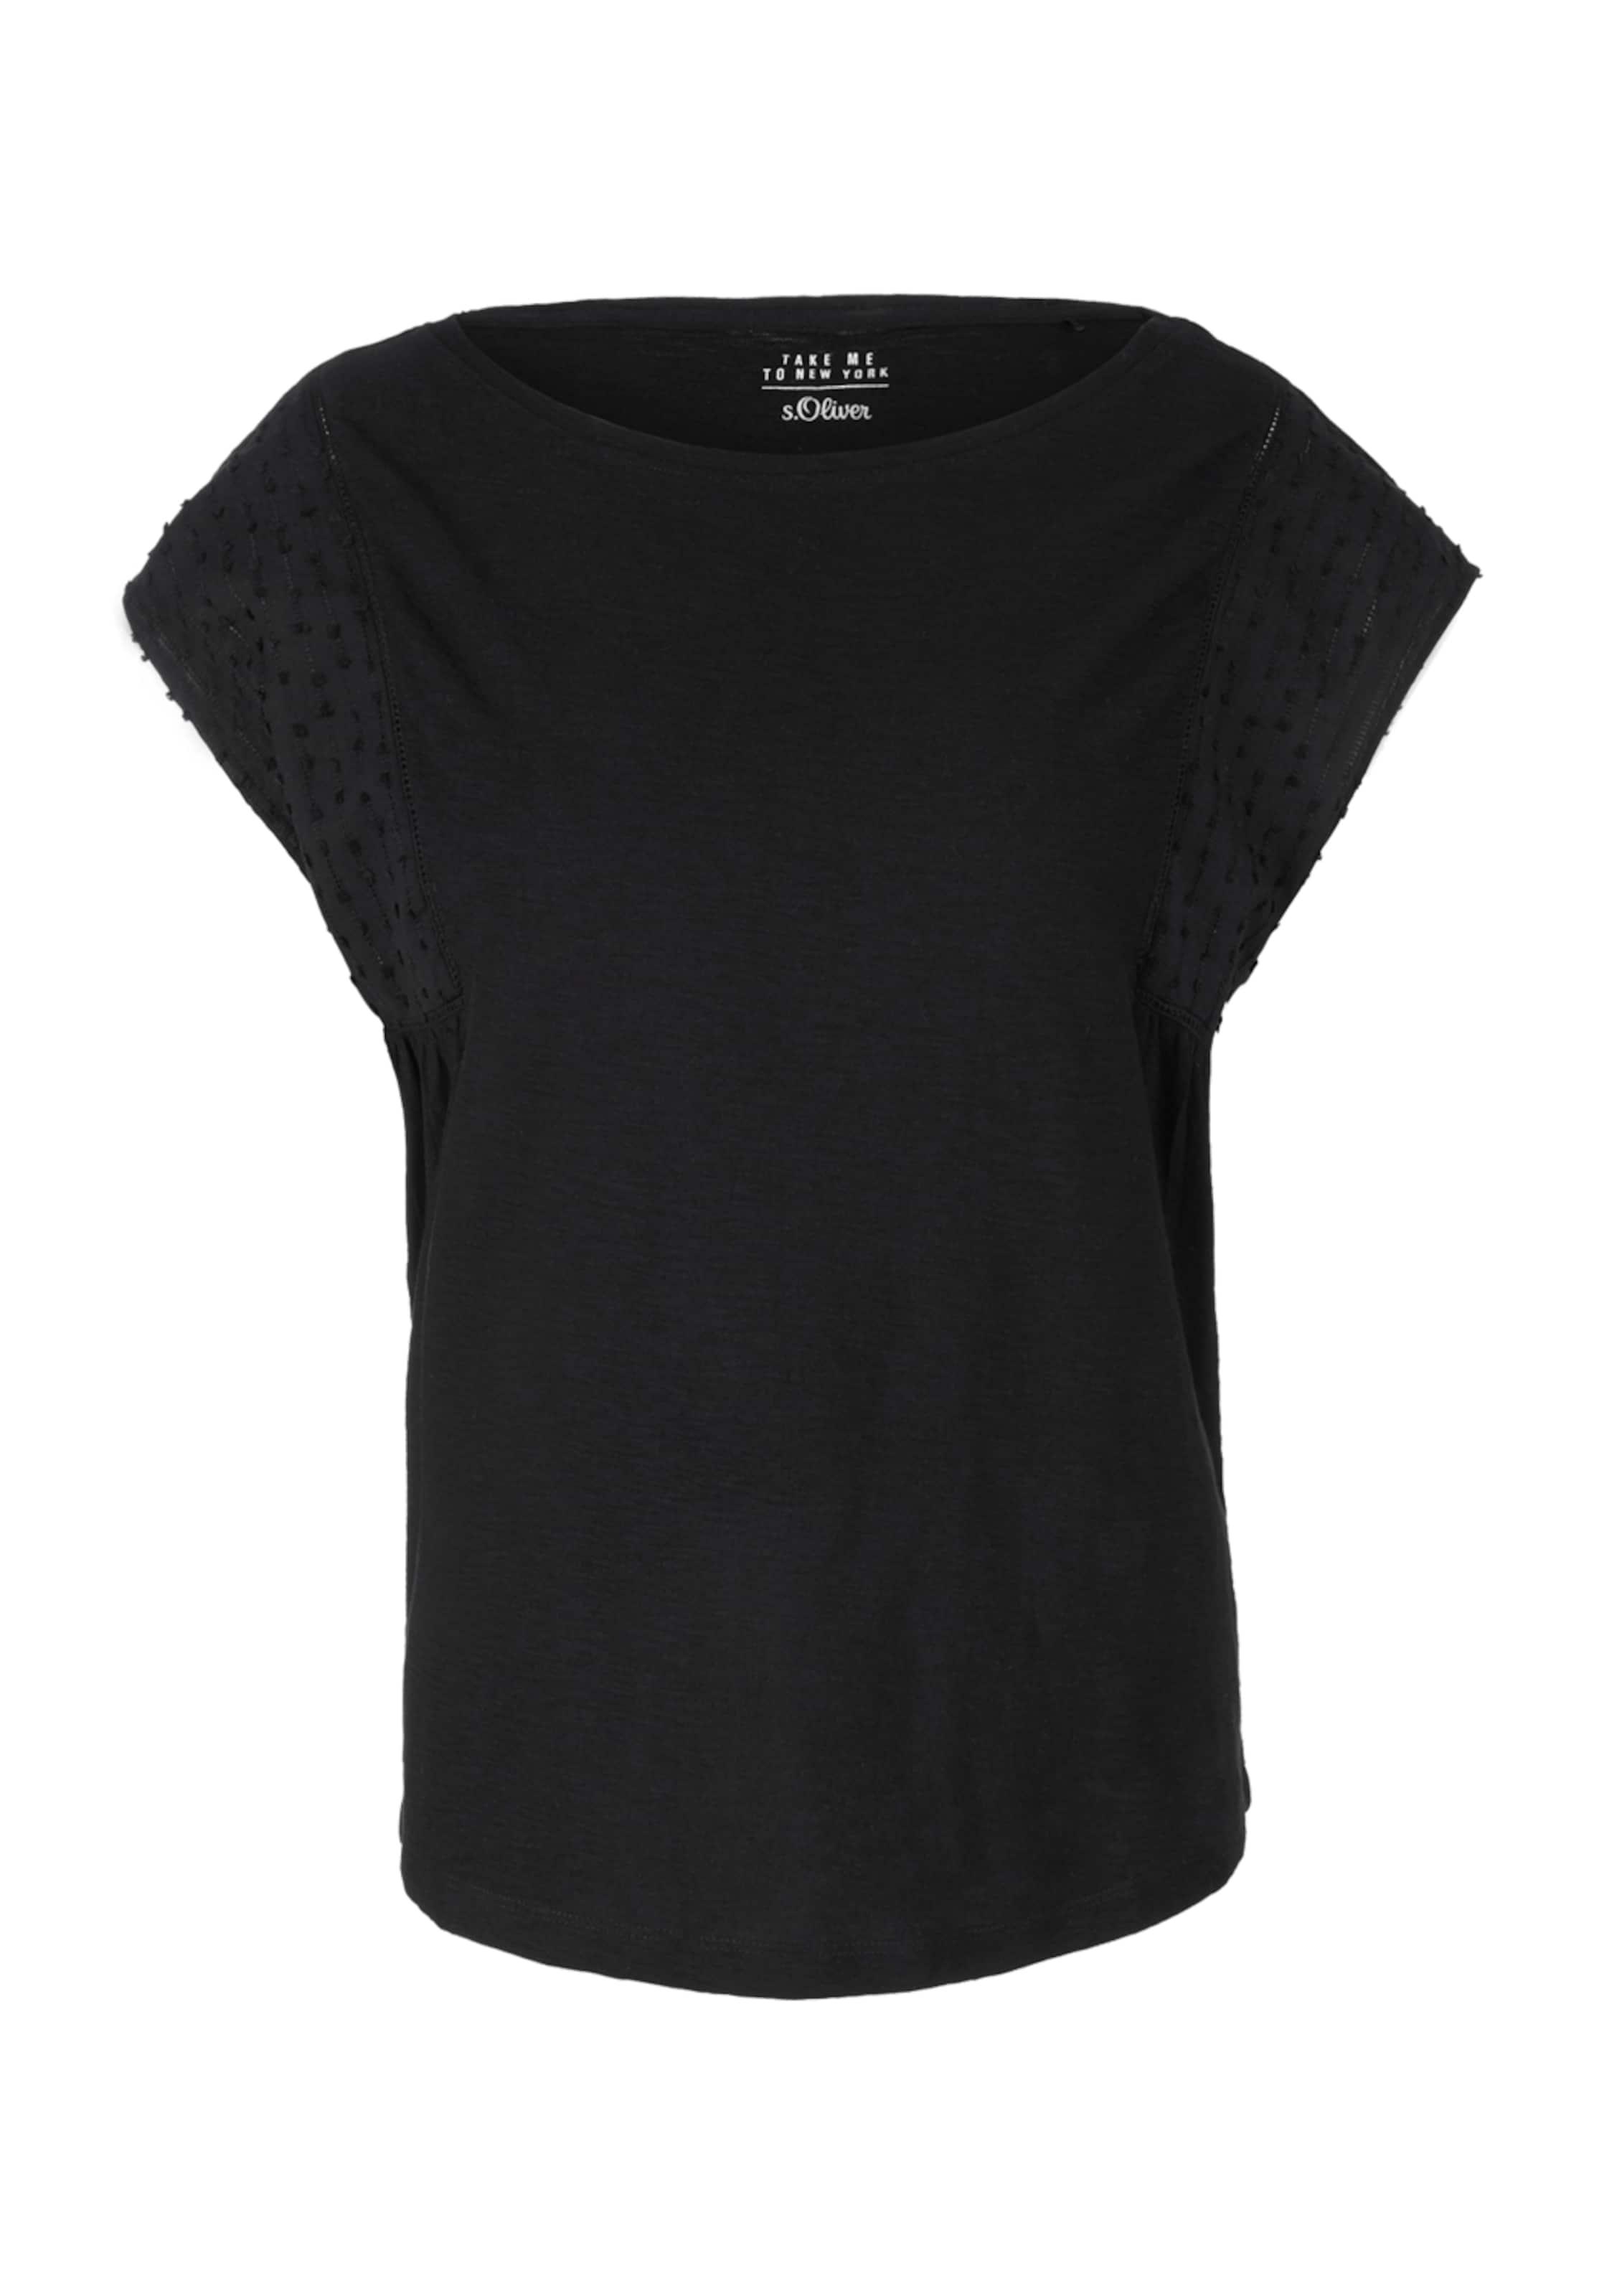 S Schwarz In Label Red oliver Shirt 8vwNm0nO